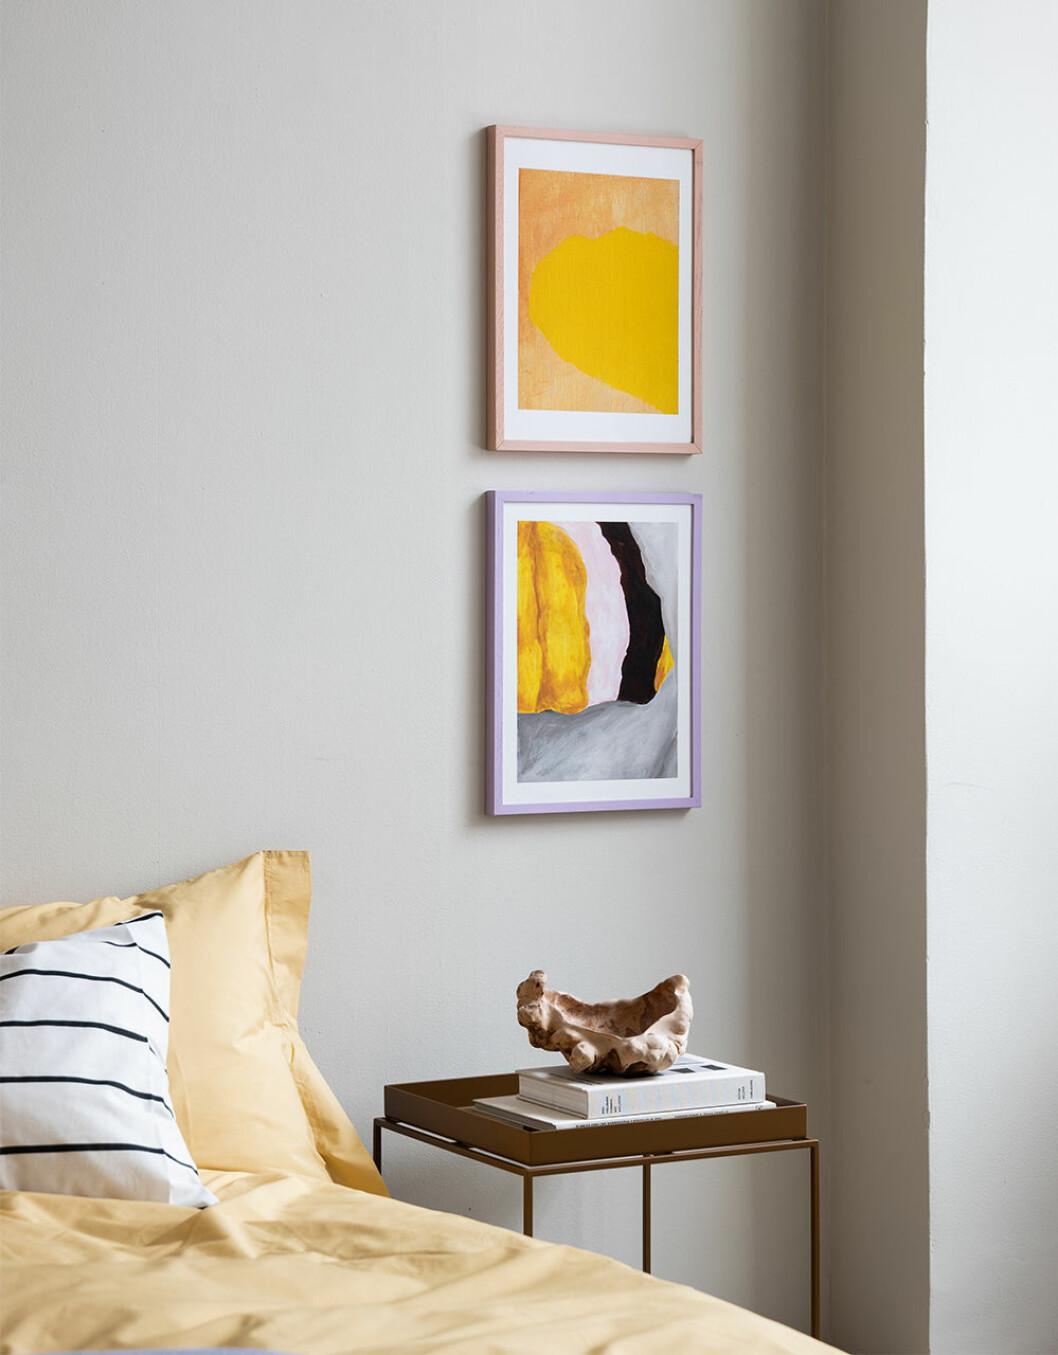 wall of art emma Wiik